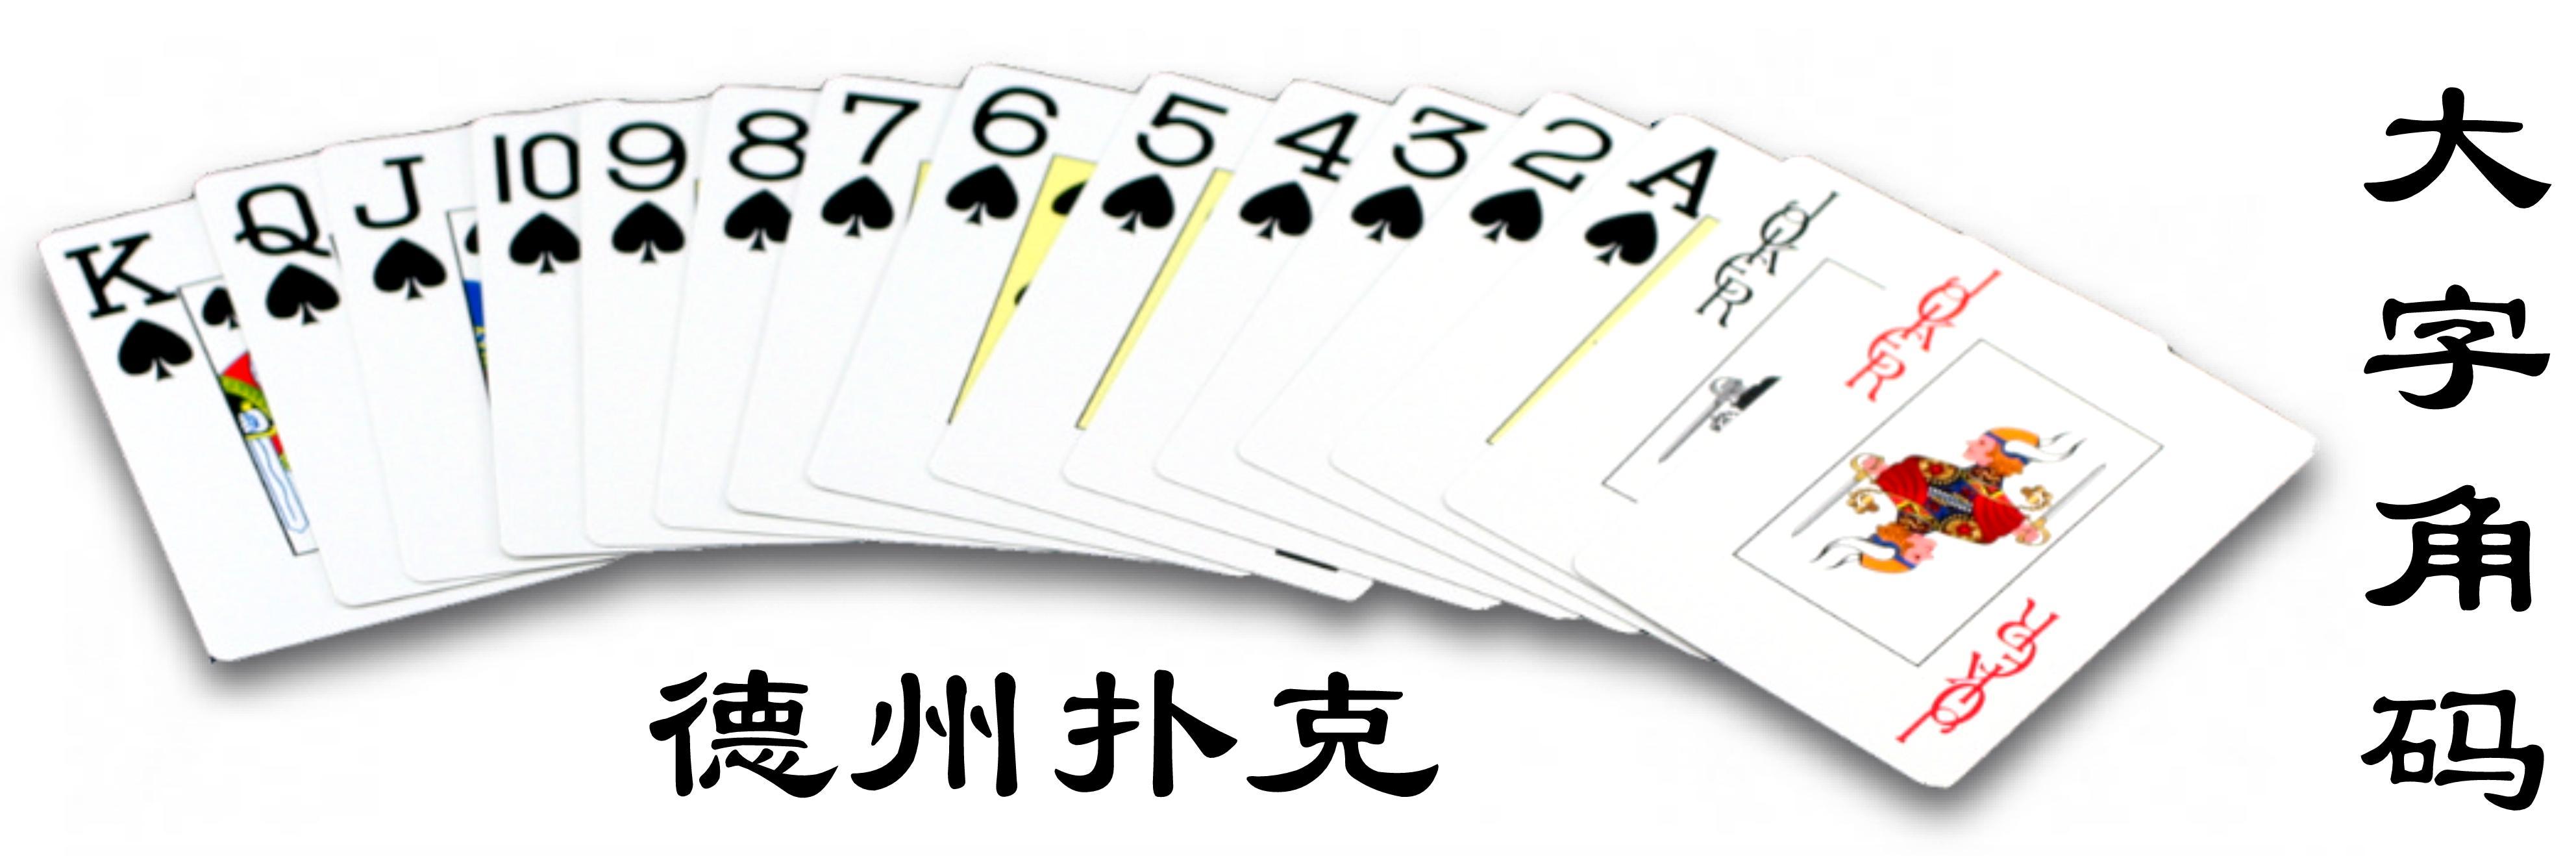 南通信息网 - 搜狗百科